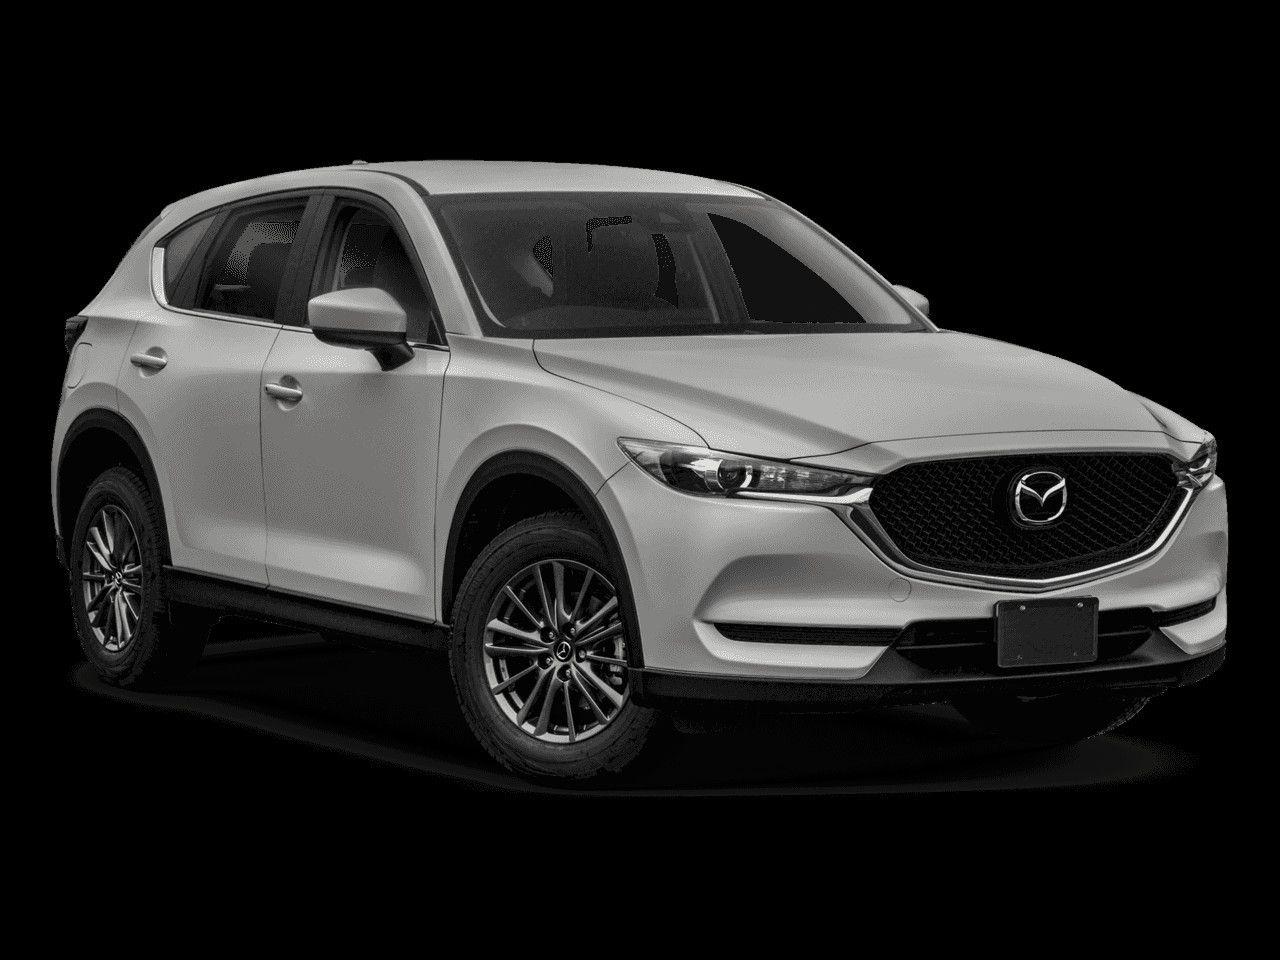 2020 Mazda Cx 5 Check More At Http Www Autocarsreview Club 2018 12 28 2020 Mazda Cx 5